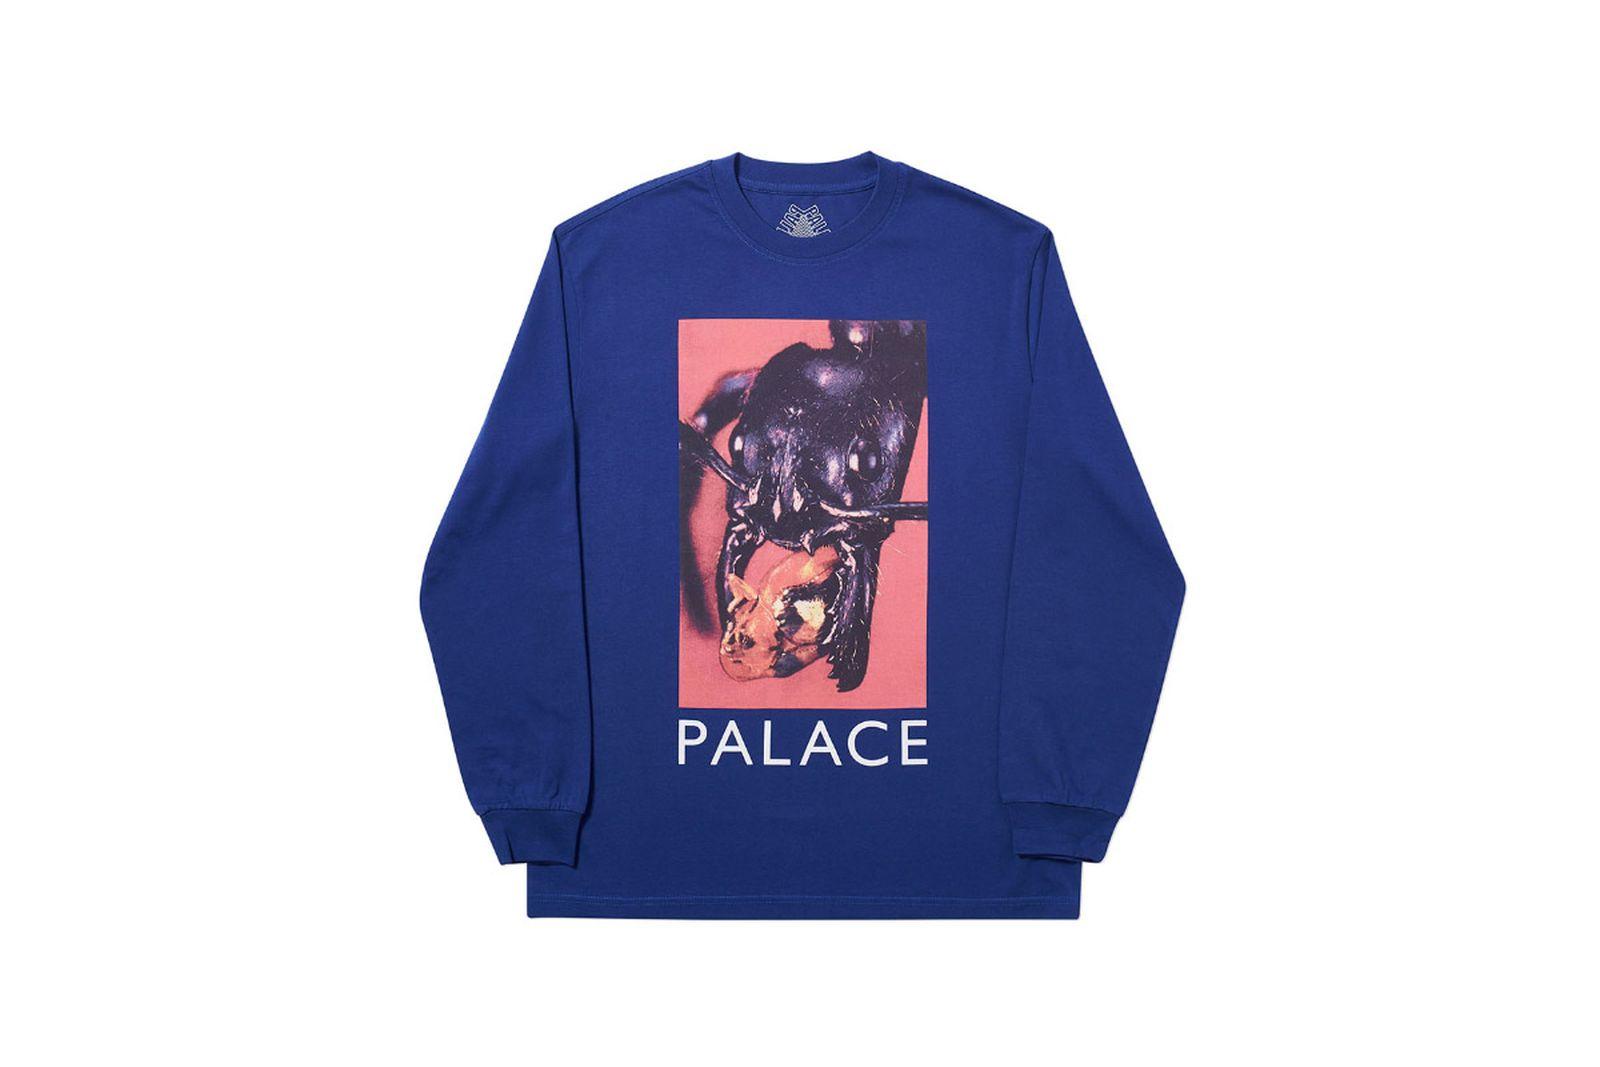 Palace 2019 Autumn Longsleeve T Shirt Bug Munch blue 1364 ADJUSTED